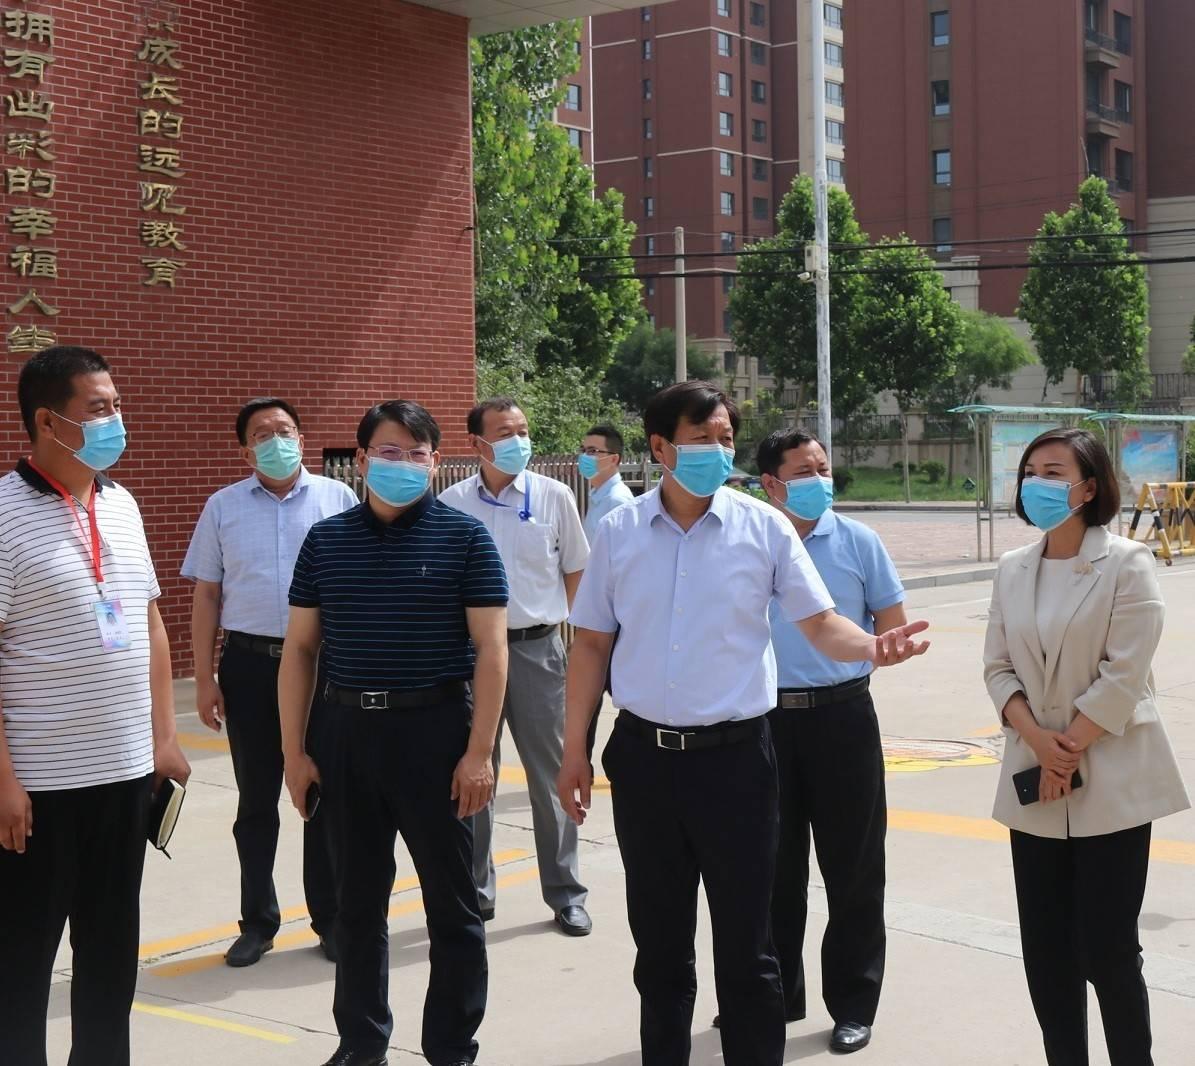 市委书记刘金宇调研检查创新创业、复学复课